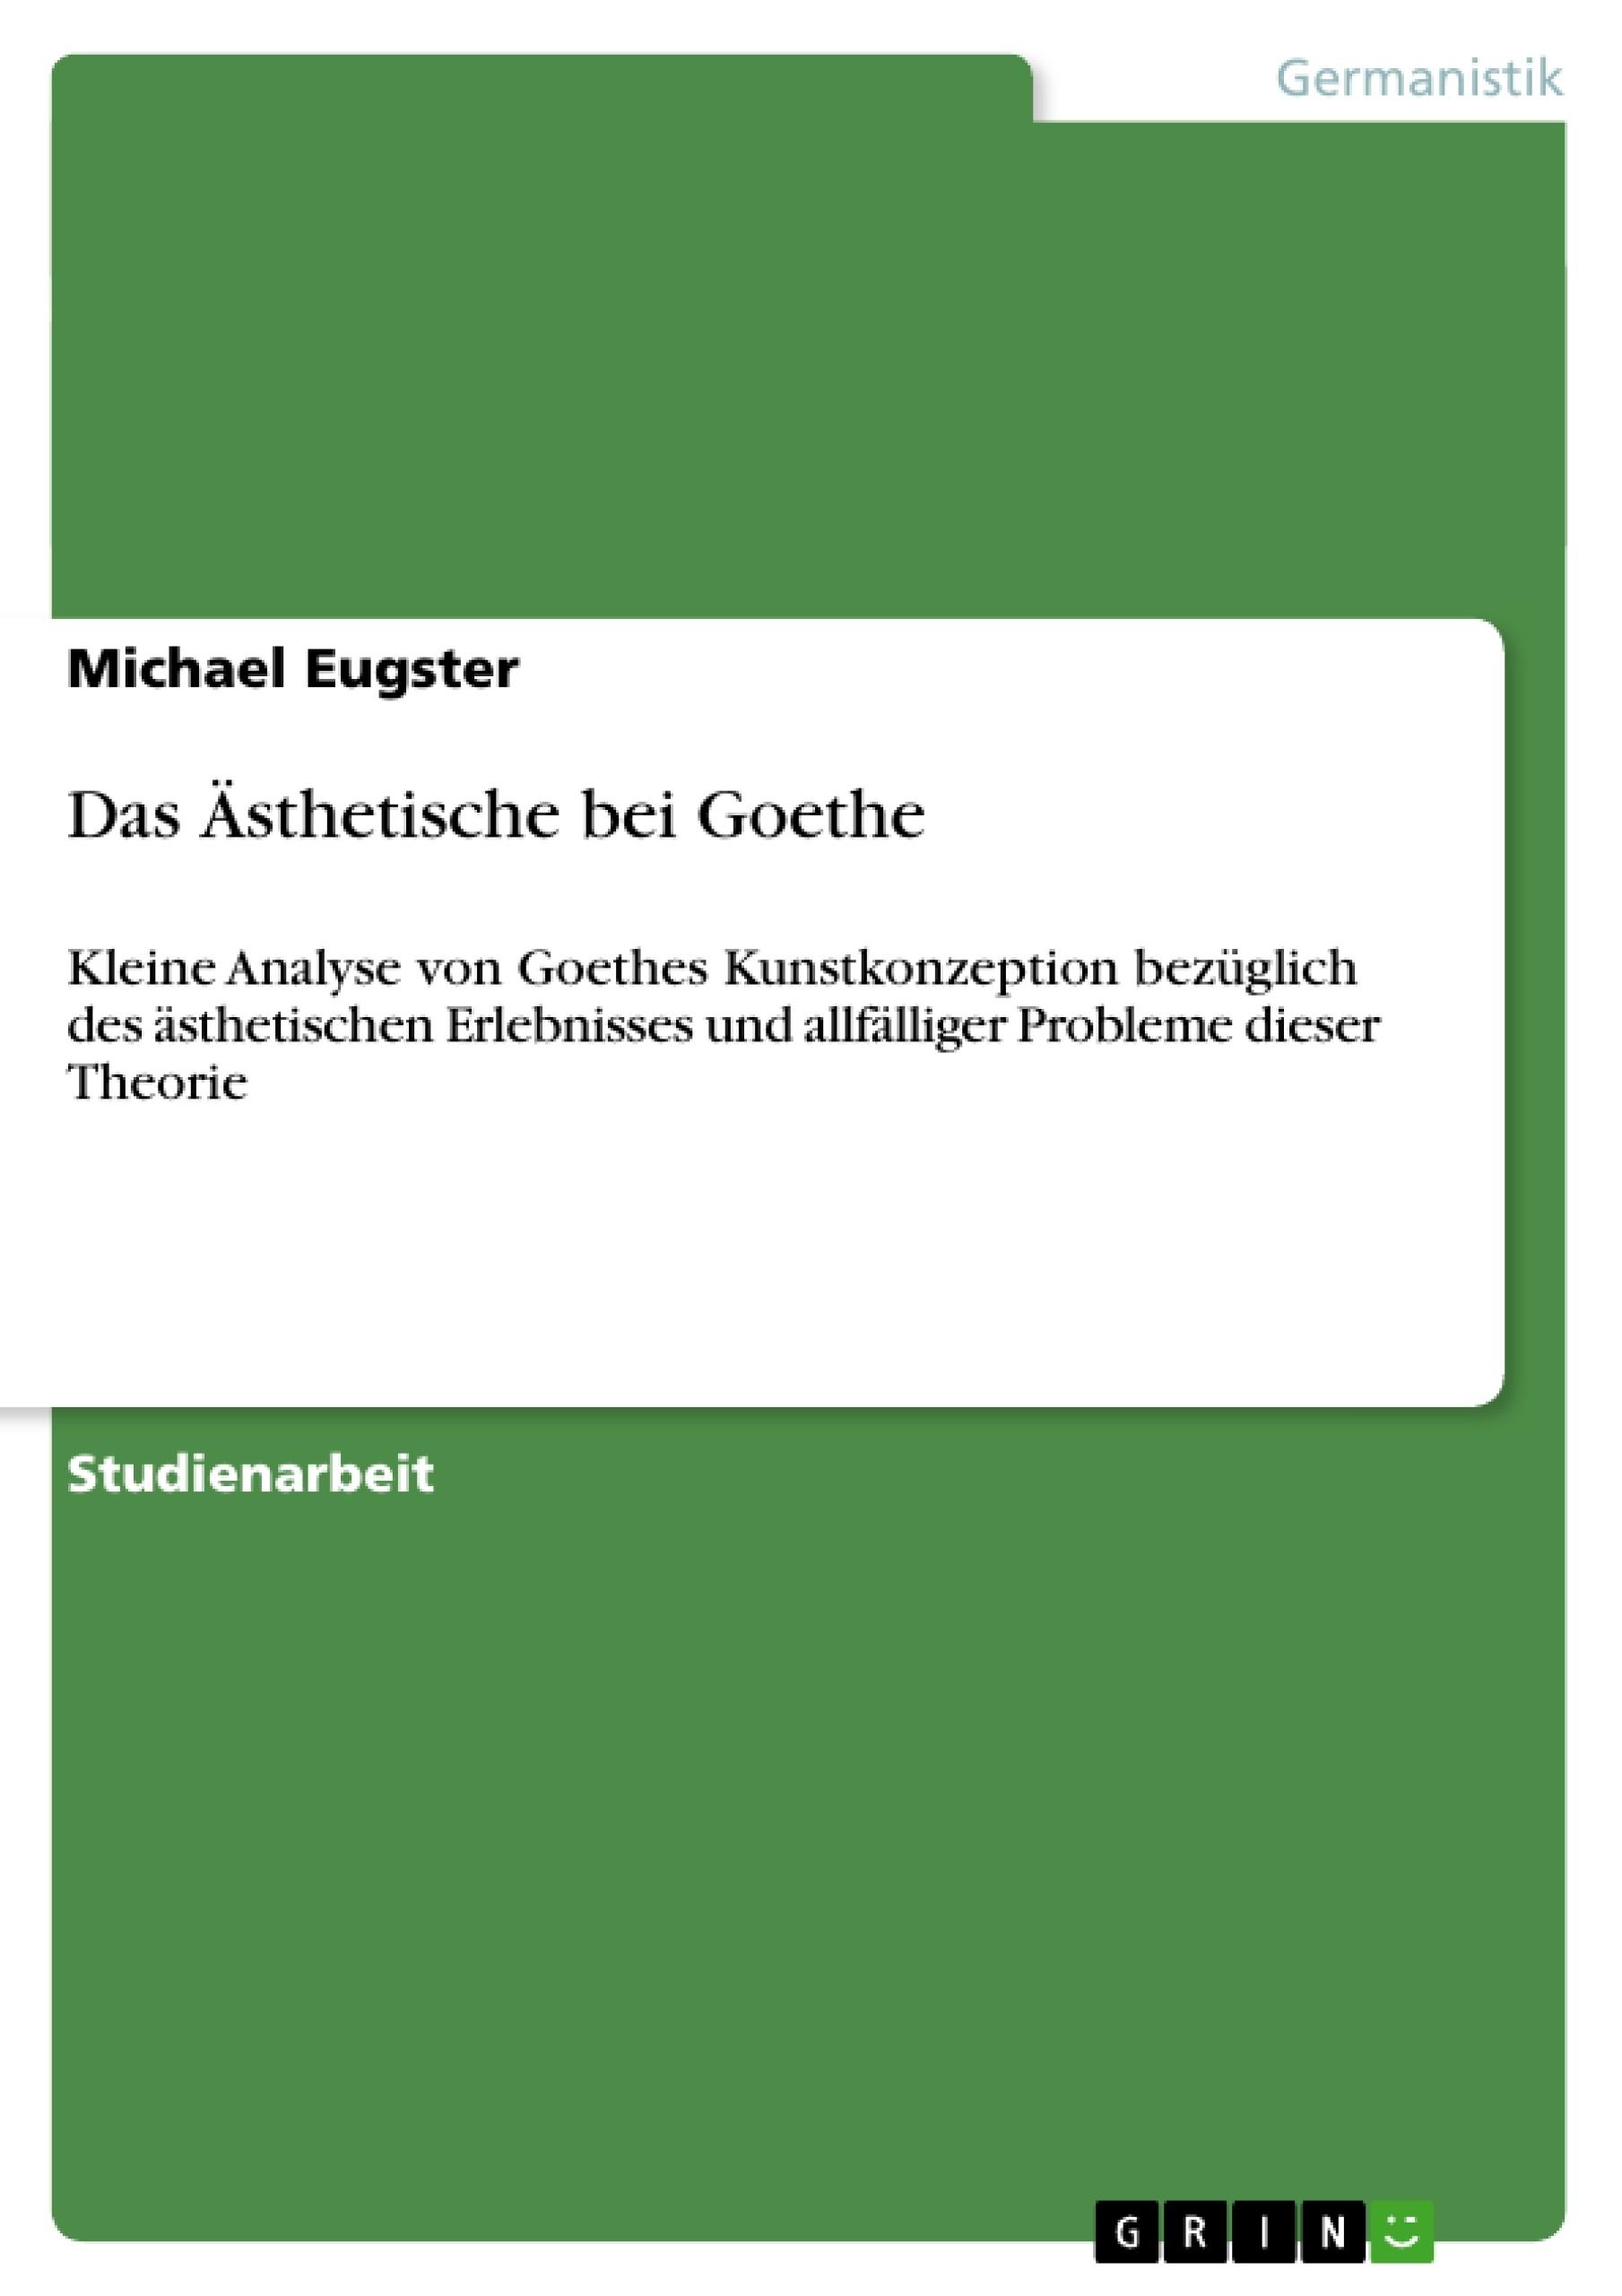 Titel: Das Ästhetische bei Goethe